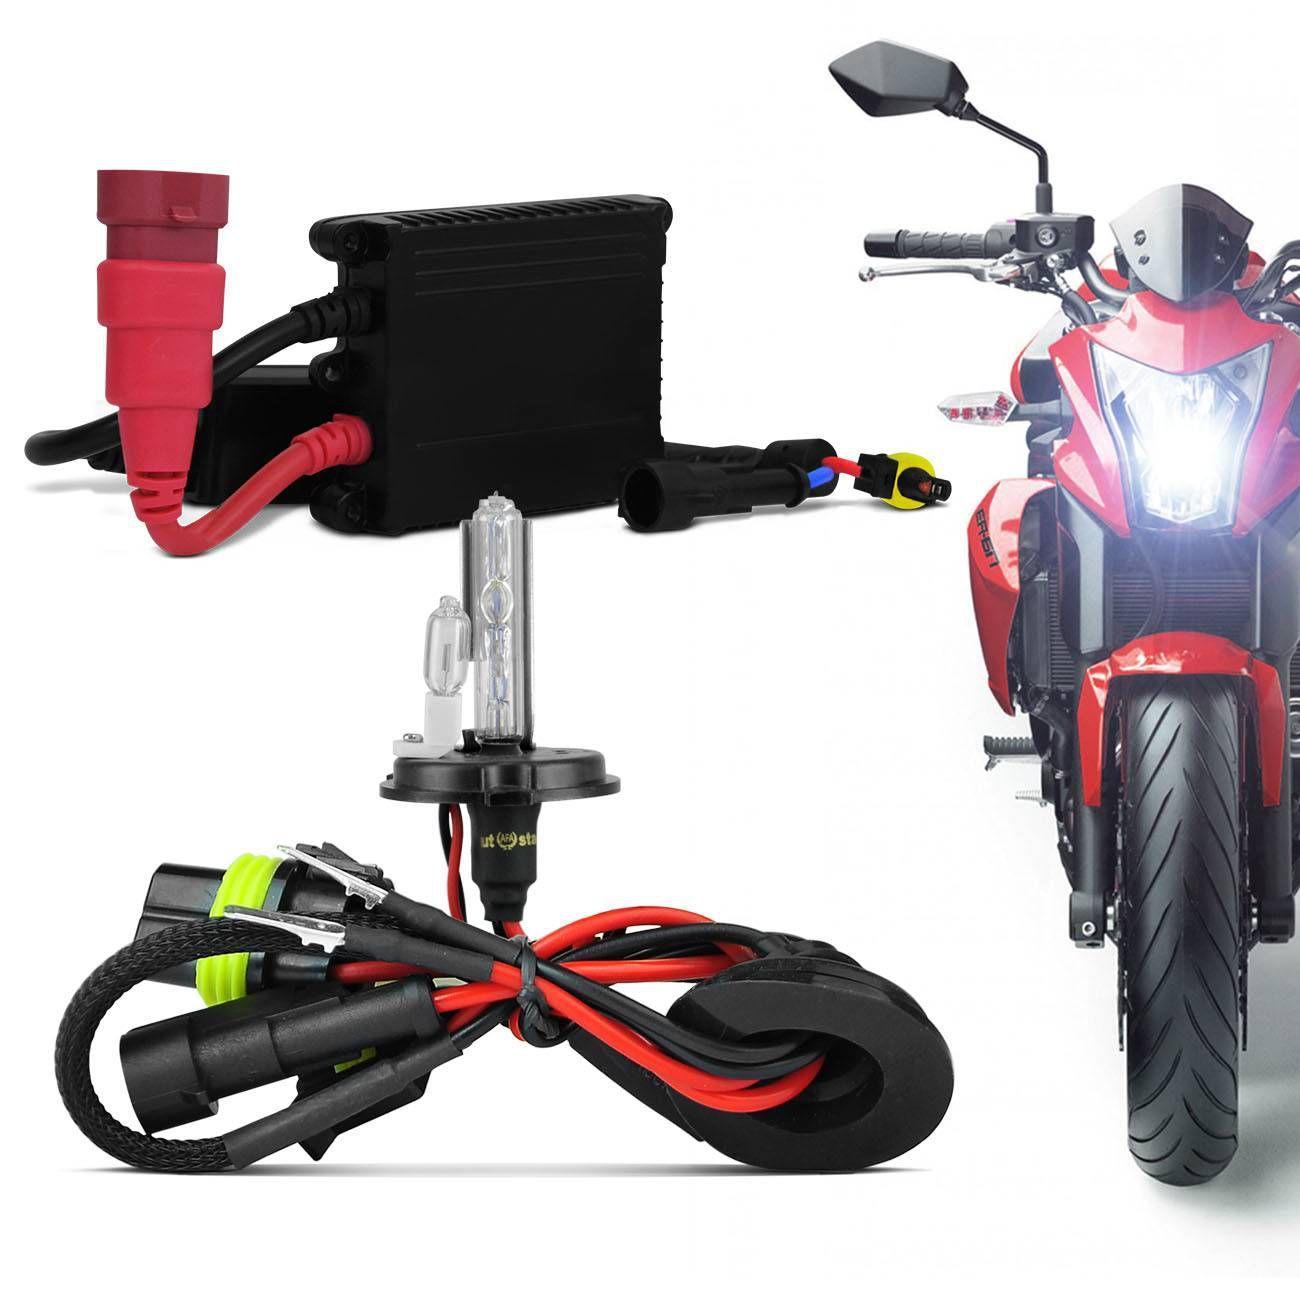 kit xenon moto completo h4 2 6000k extremamente branca prime l mpadas magazine luiza. Black Bedroom Furniture Sets. Home Design Ideas